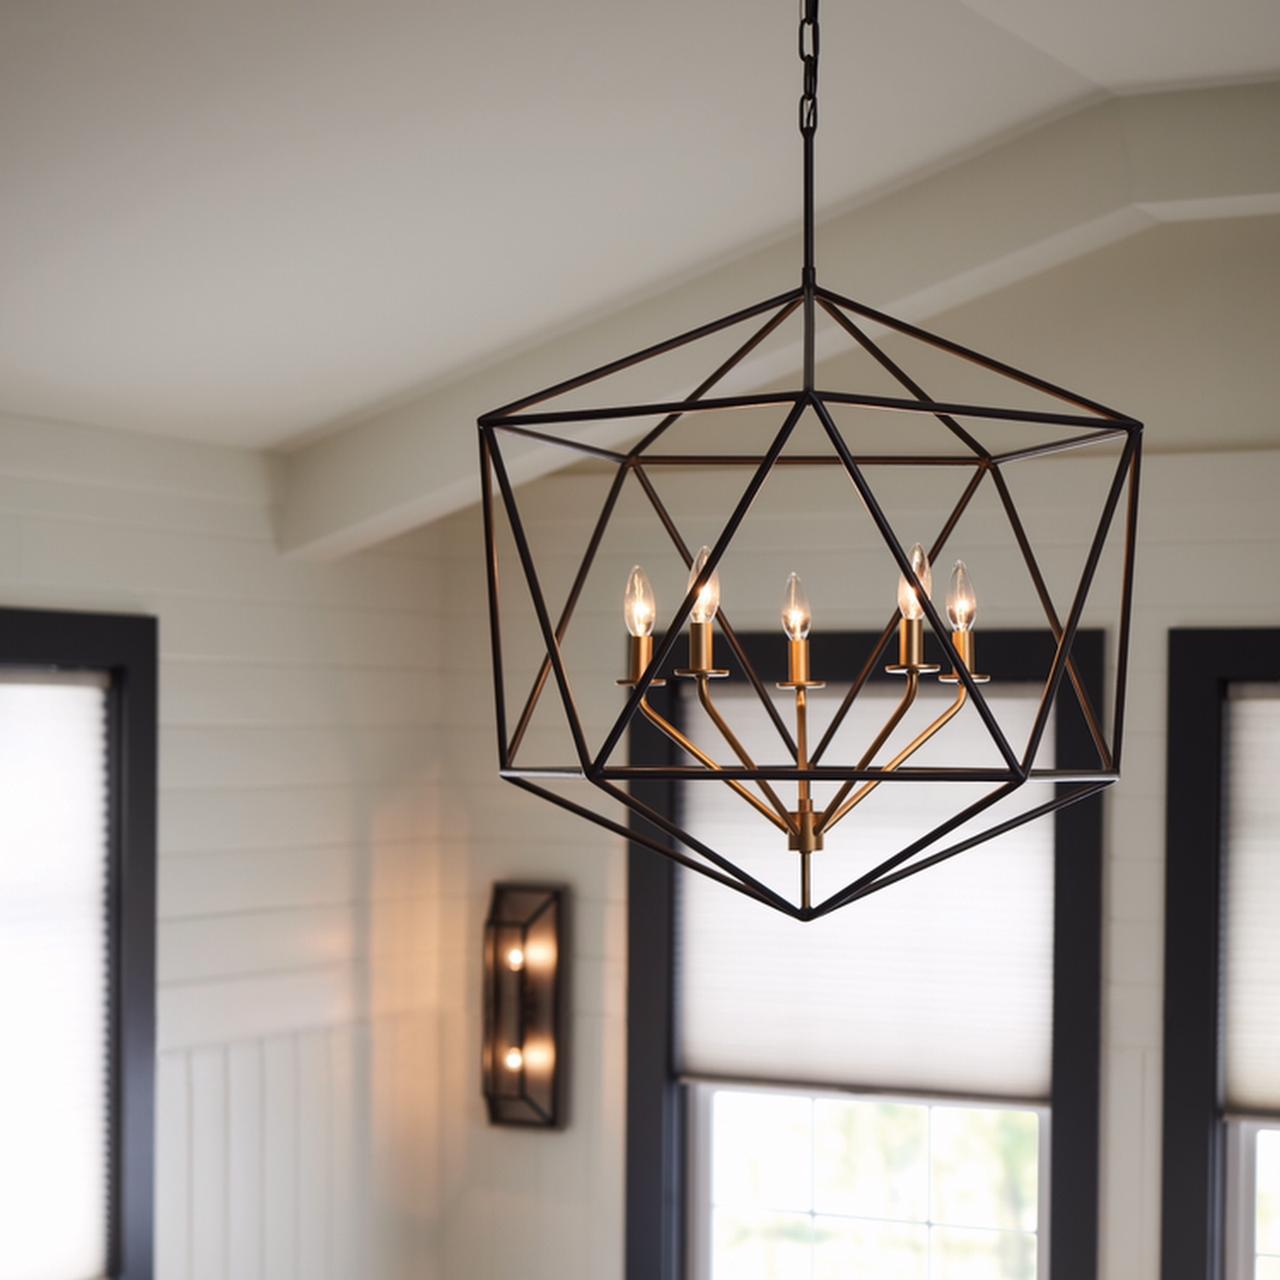 Home Lighting Of Frazer Design Center In